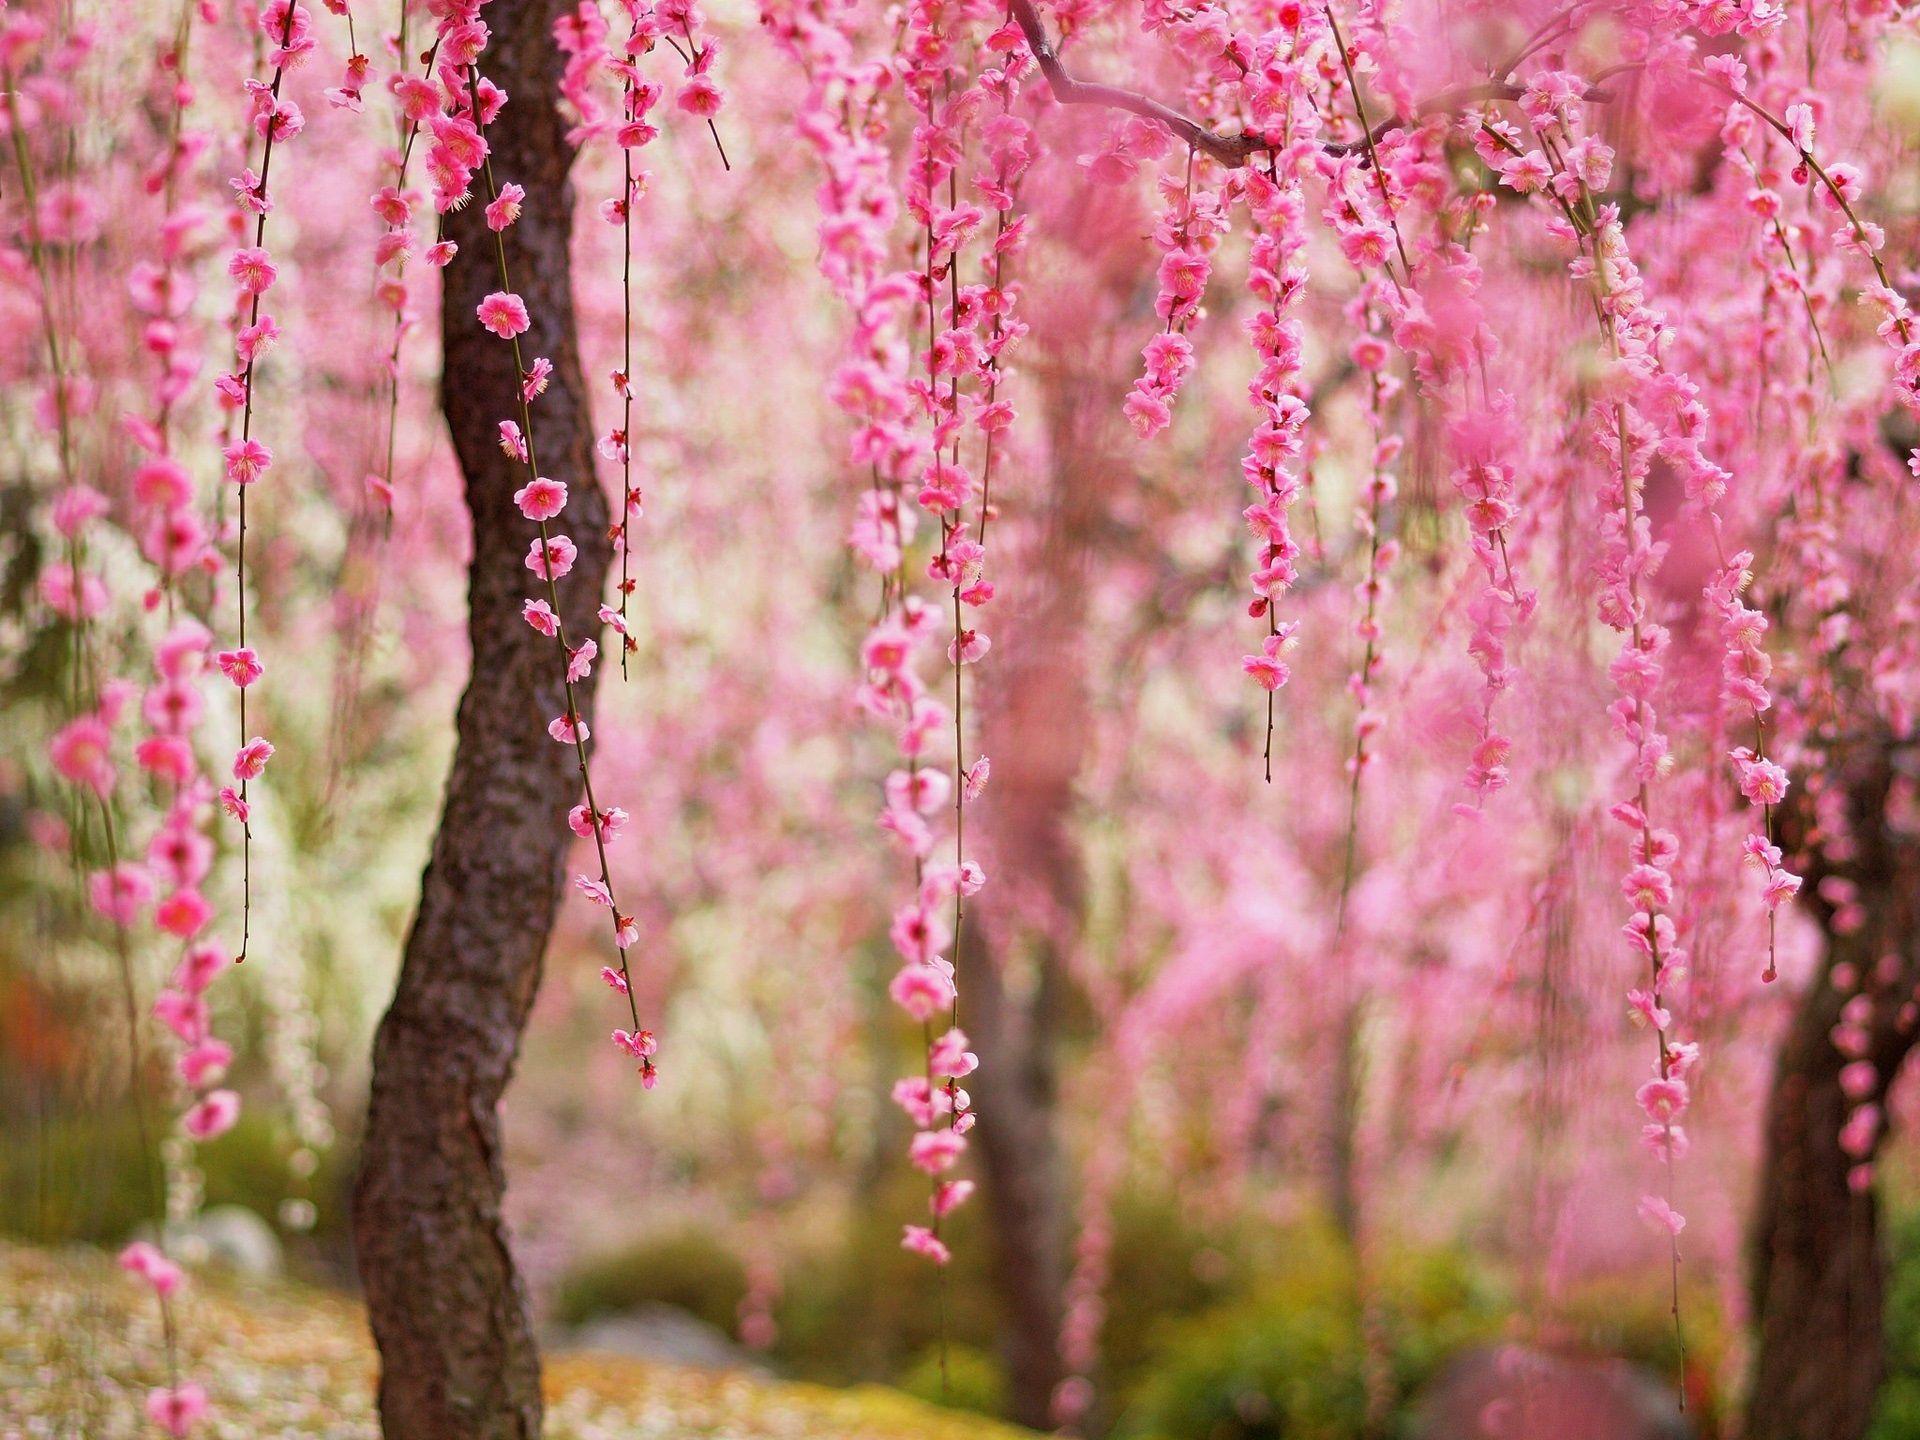 Belle printemps fleurs rose fleurs arbres fonds d 39 cran 1920x1440 harmony pinterest - Arbre rose japon ...